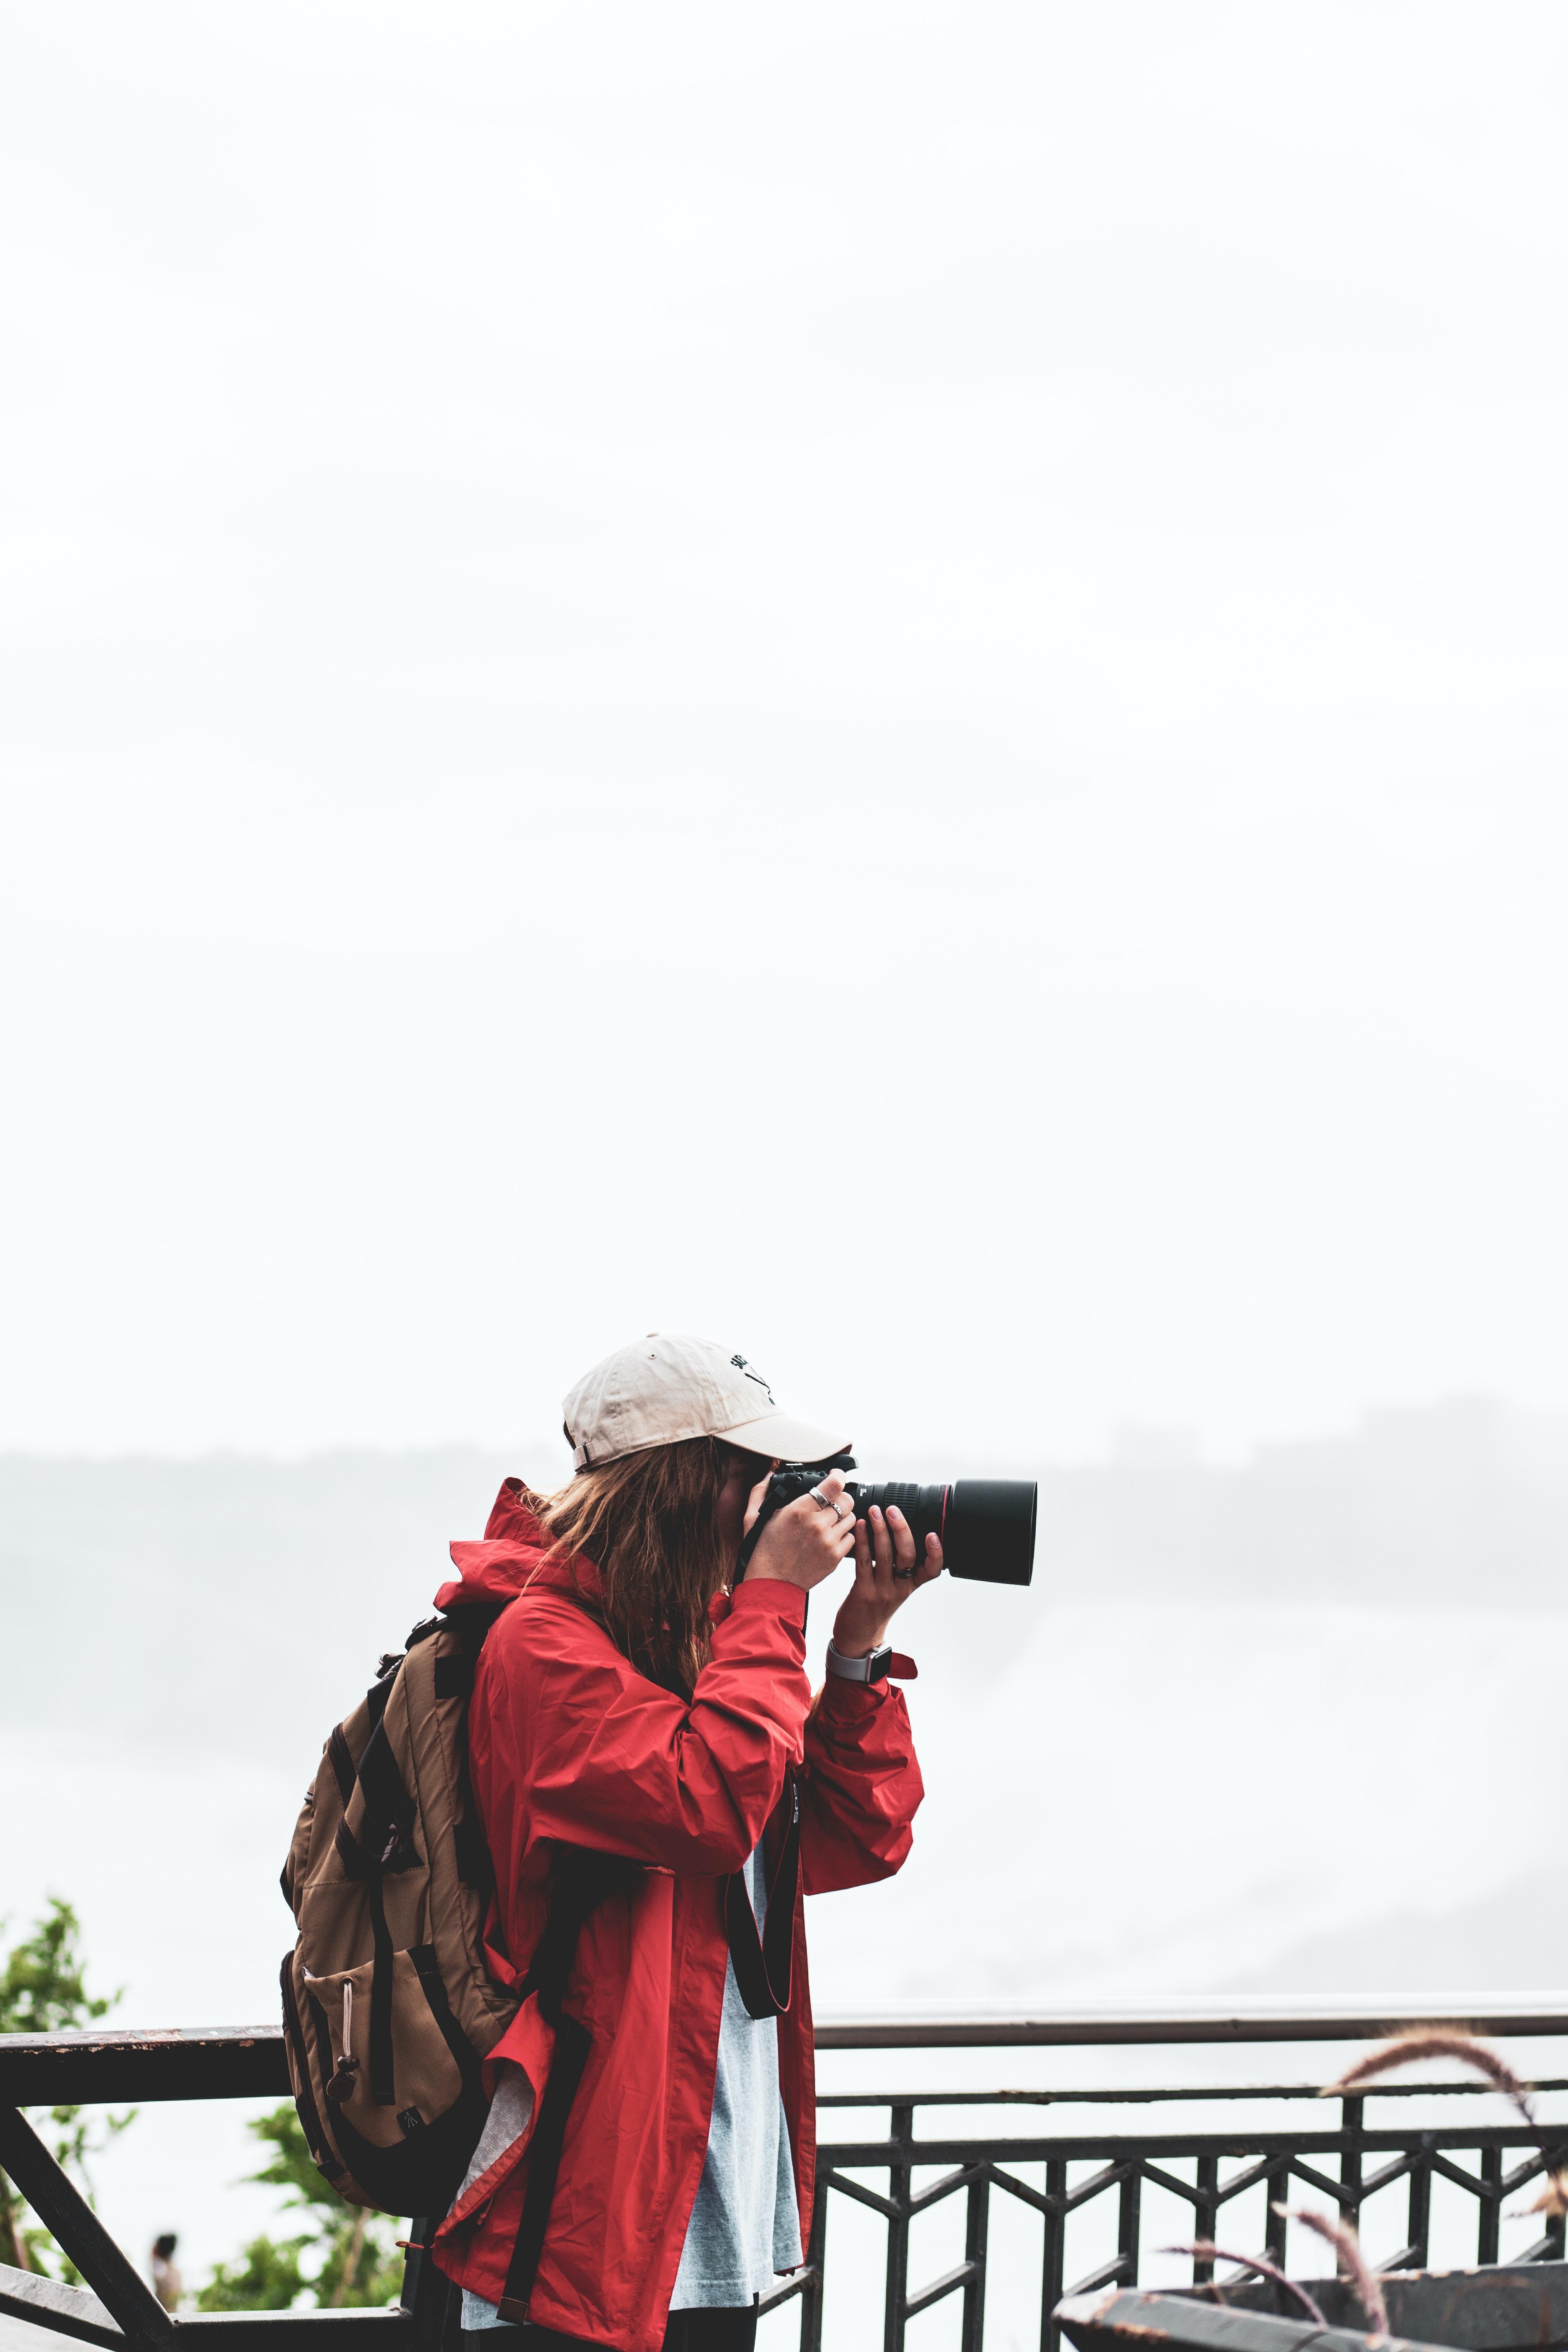 person holding black DSLR camera taking camera shot during daytime